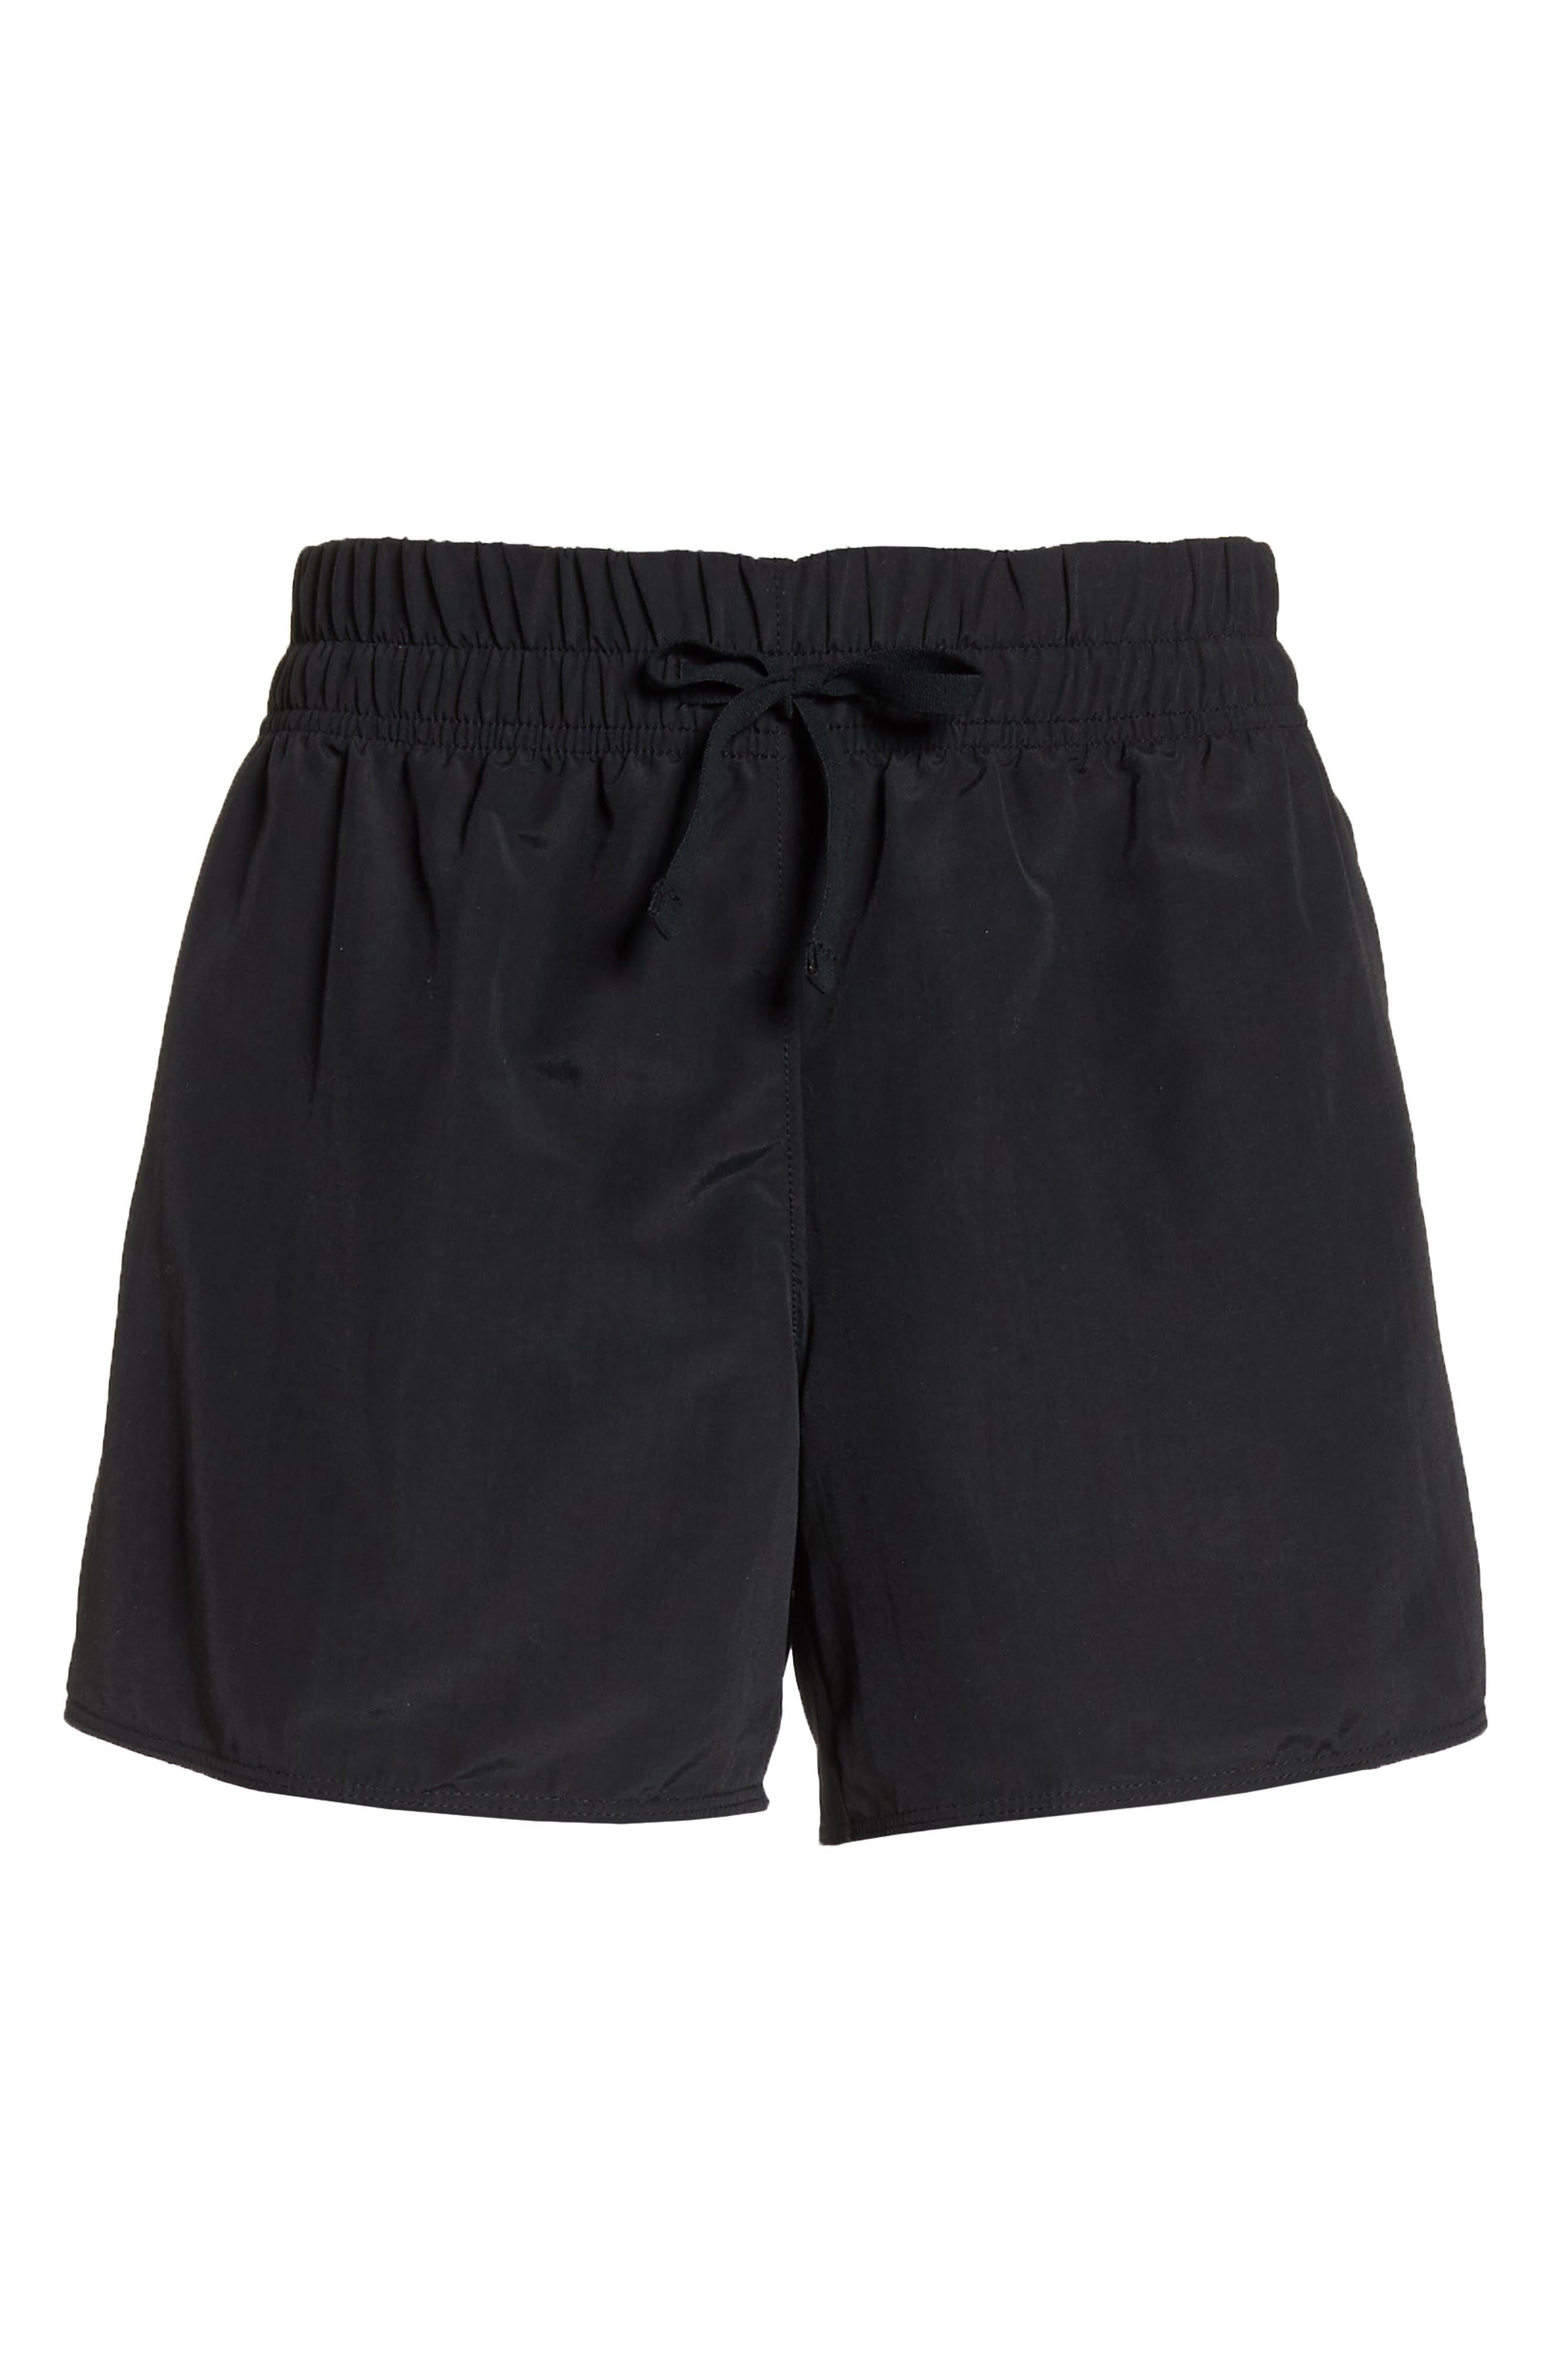 Class V Shorts,                             Alternate thumbnail 7, color,                             001